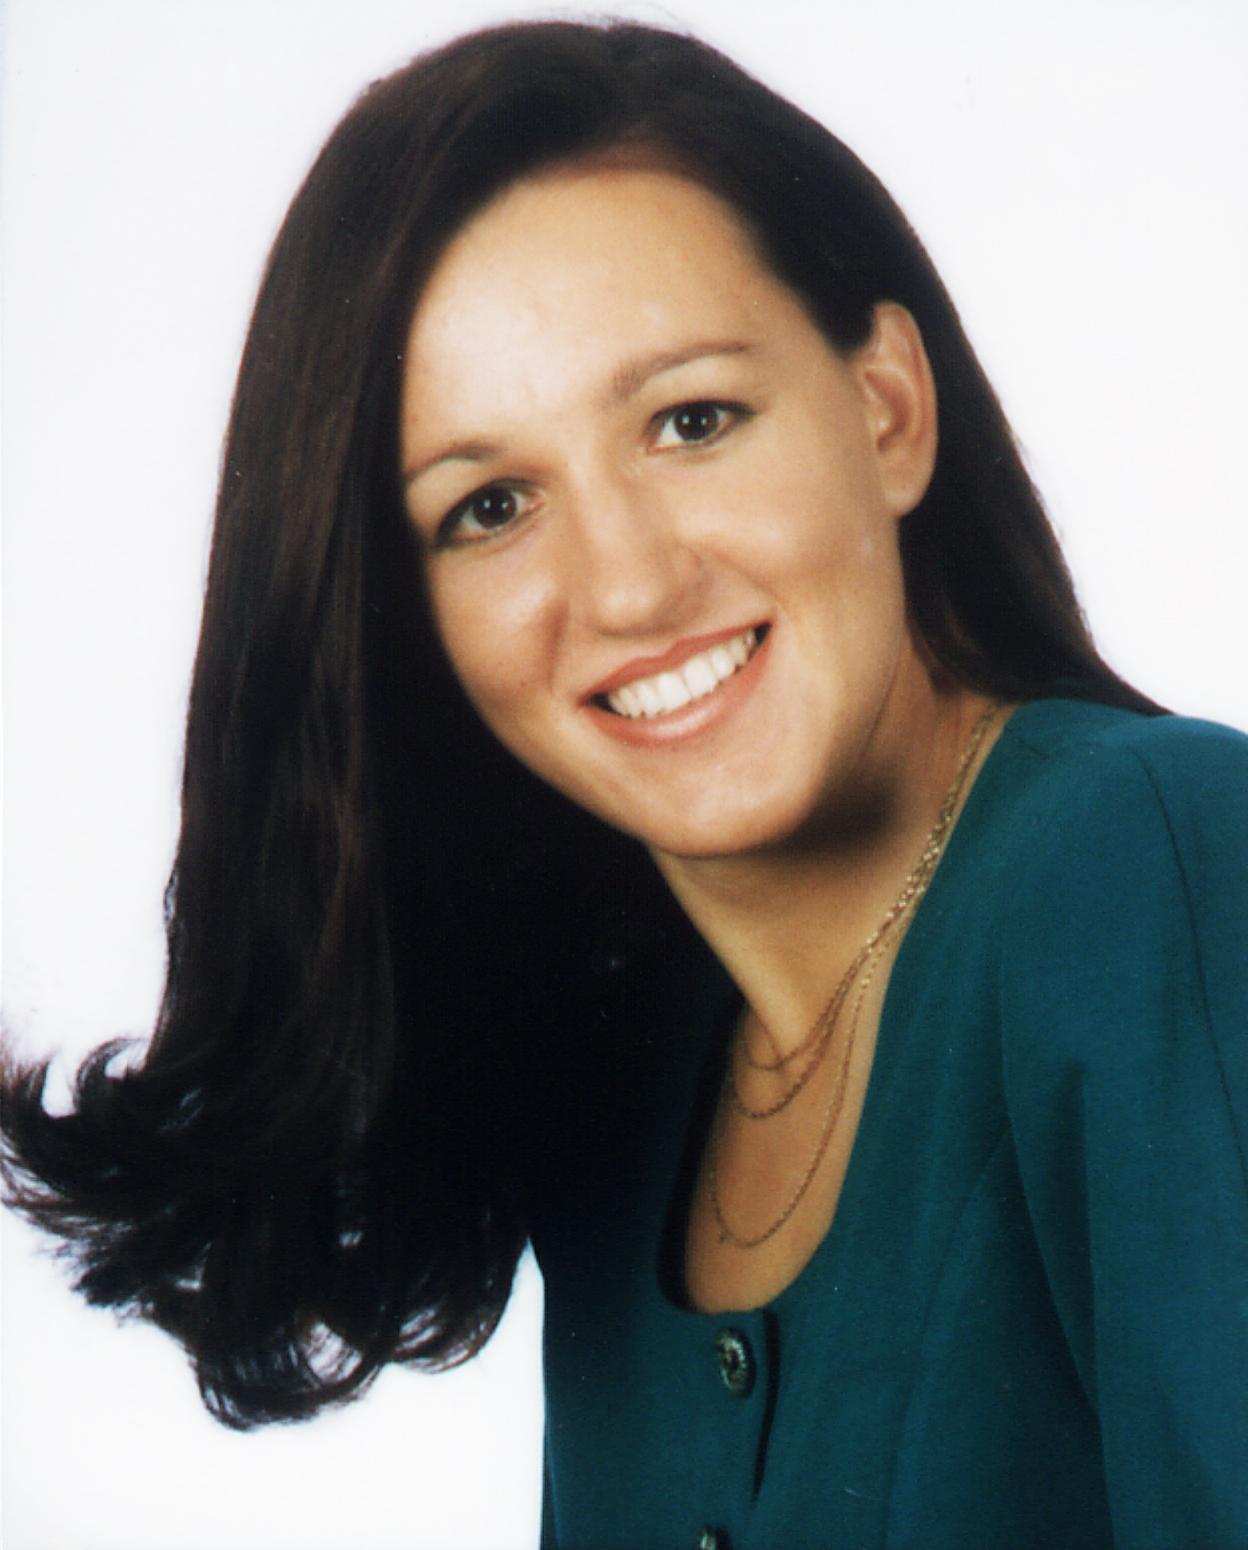 Małgorzata Plichcińska